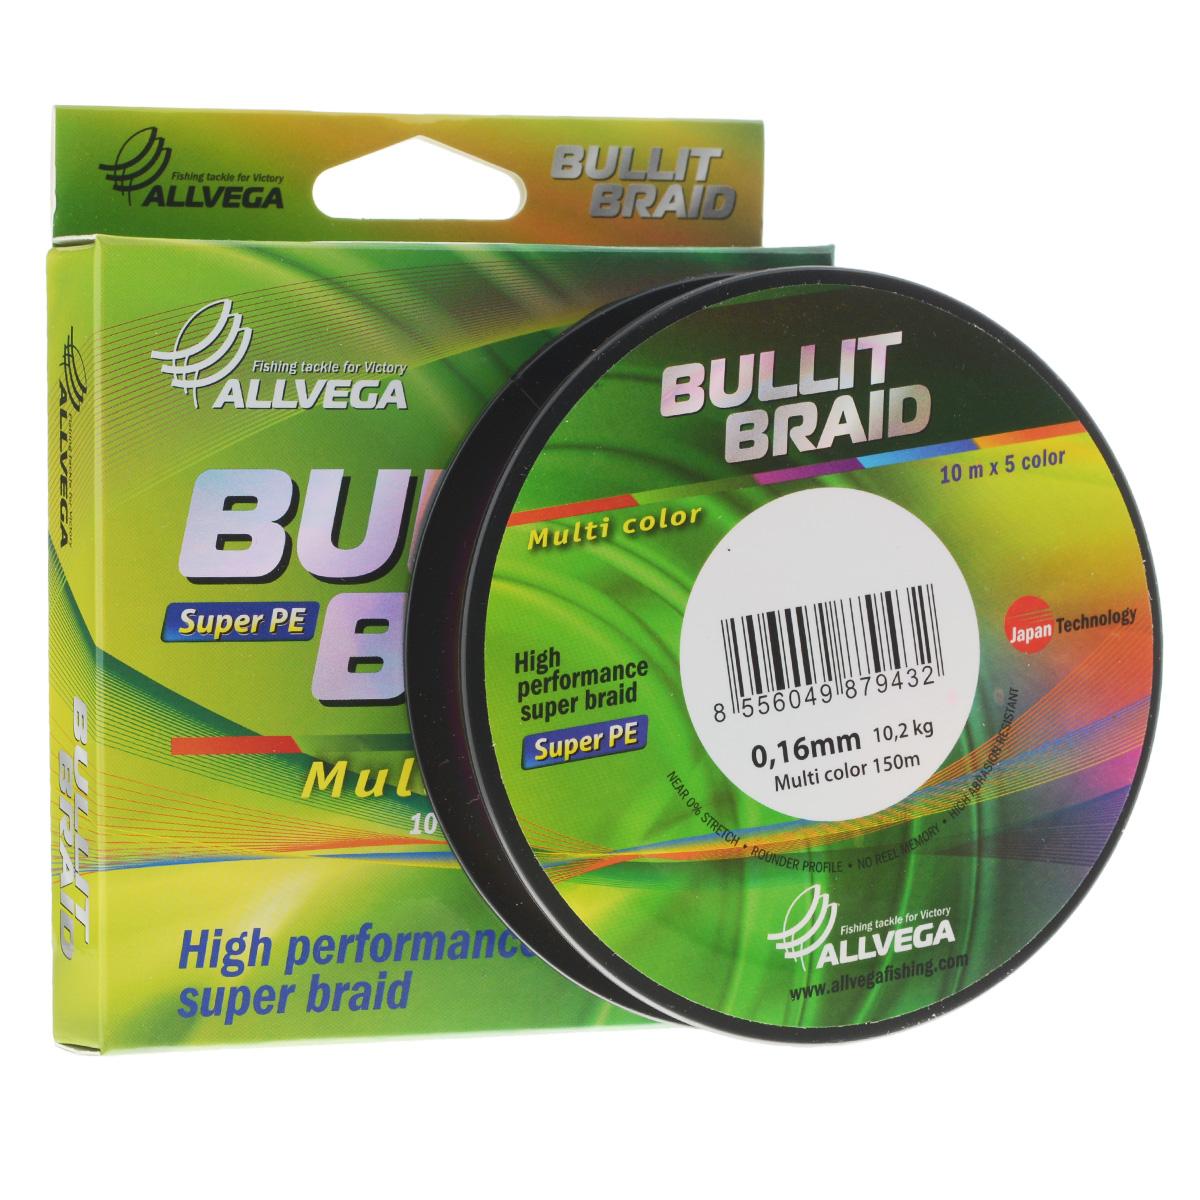 Леска плетеная Allvega Bullit Braid, цвет: мультиколор, 150 м, 0,16 мм, 10,2 кг25838Леска Allvega Bullit Braid с гладкой поверхностью и одинаковым сечением по всей длине обладает высокой износостойкостью. Благодаря микроволокнам полиэтилена (Super PE) леска имеет очень плотное плетение и не впитывает воду. Леску Allvega Bullit Braid можно применять в любых типах водоемов. Особенности: повышенная износостойкость; высокая чувствительность - коэффициент растяжения близок к нулю; отсутствует память; идеально гладкая поверхность позволяет увеличить дальность забросов; высокая прочность шнура на узлах.